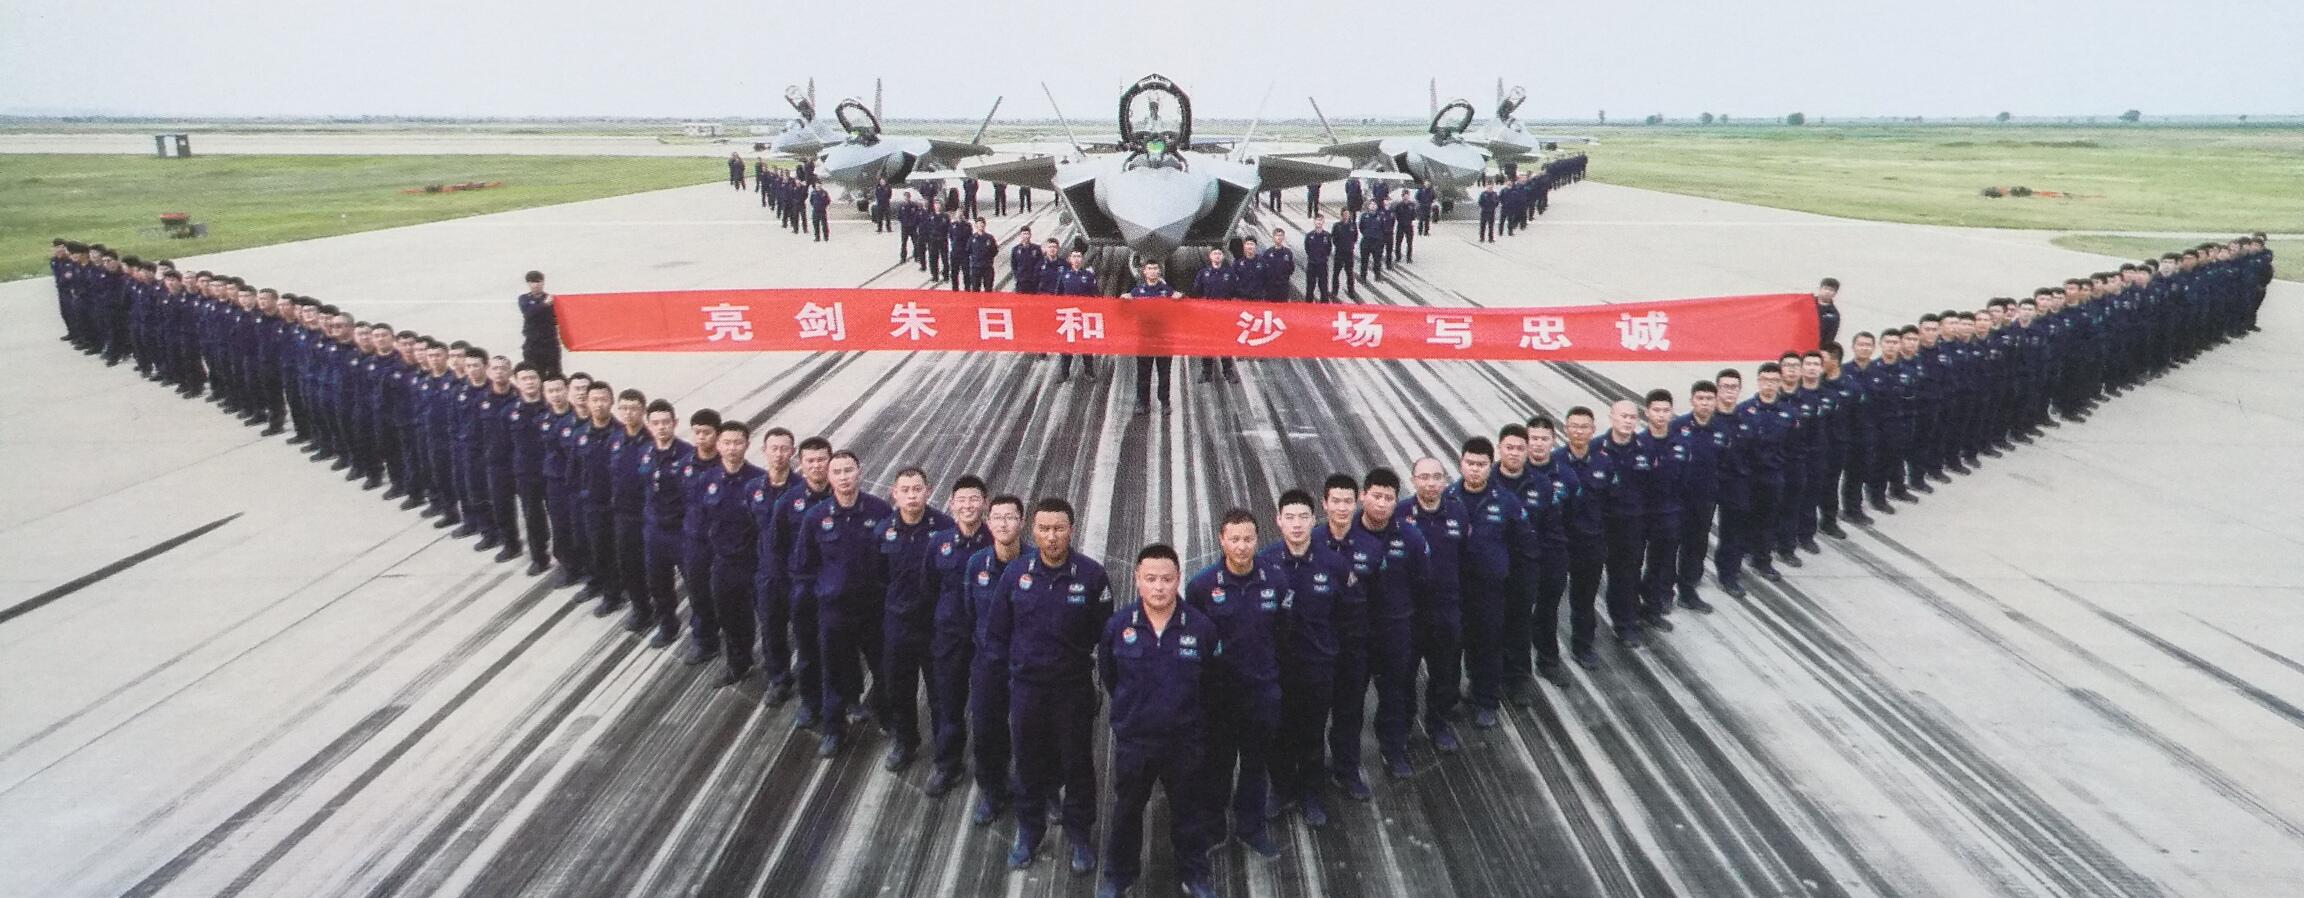 俄专家盘点中国2017年新装备 歼20列装格外亮眼